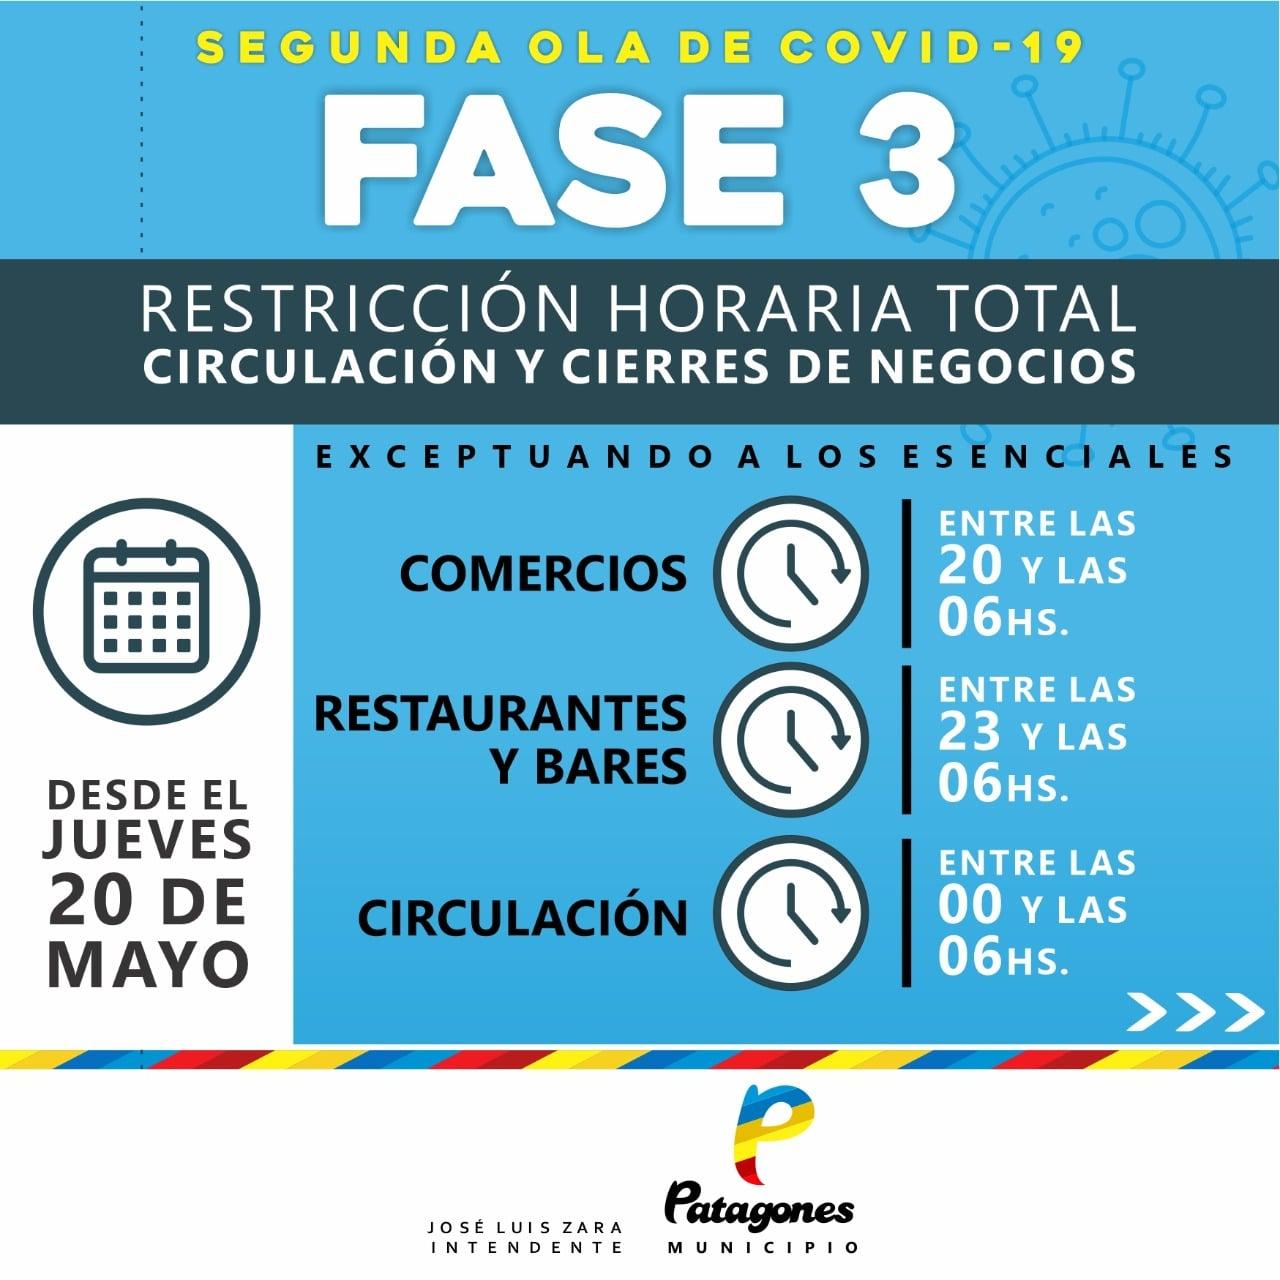 Por el aumento de contagios, desde este jueves Patagones pasa a Fase 3